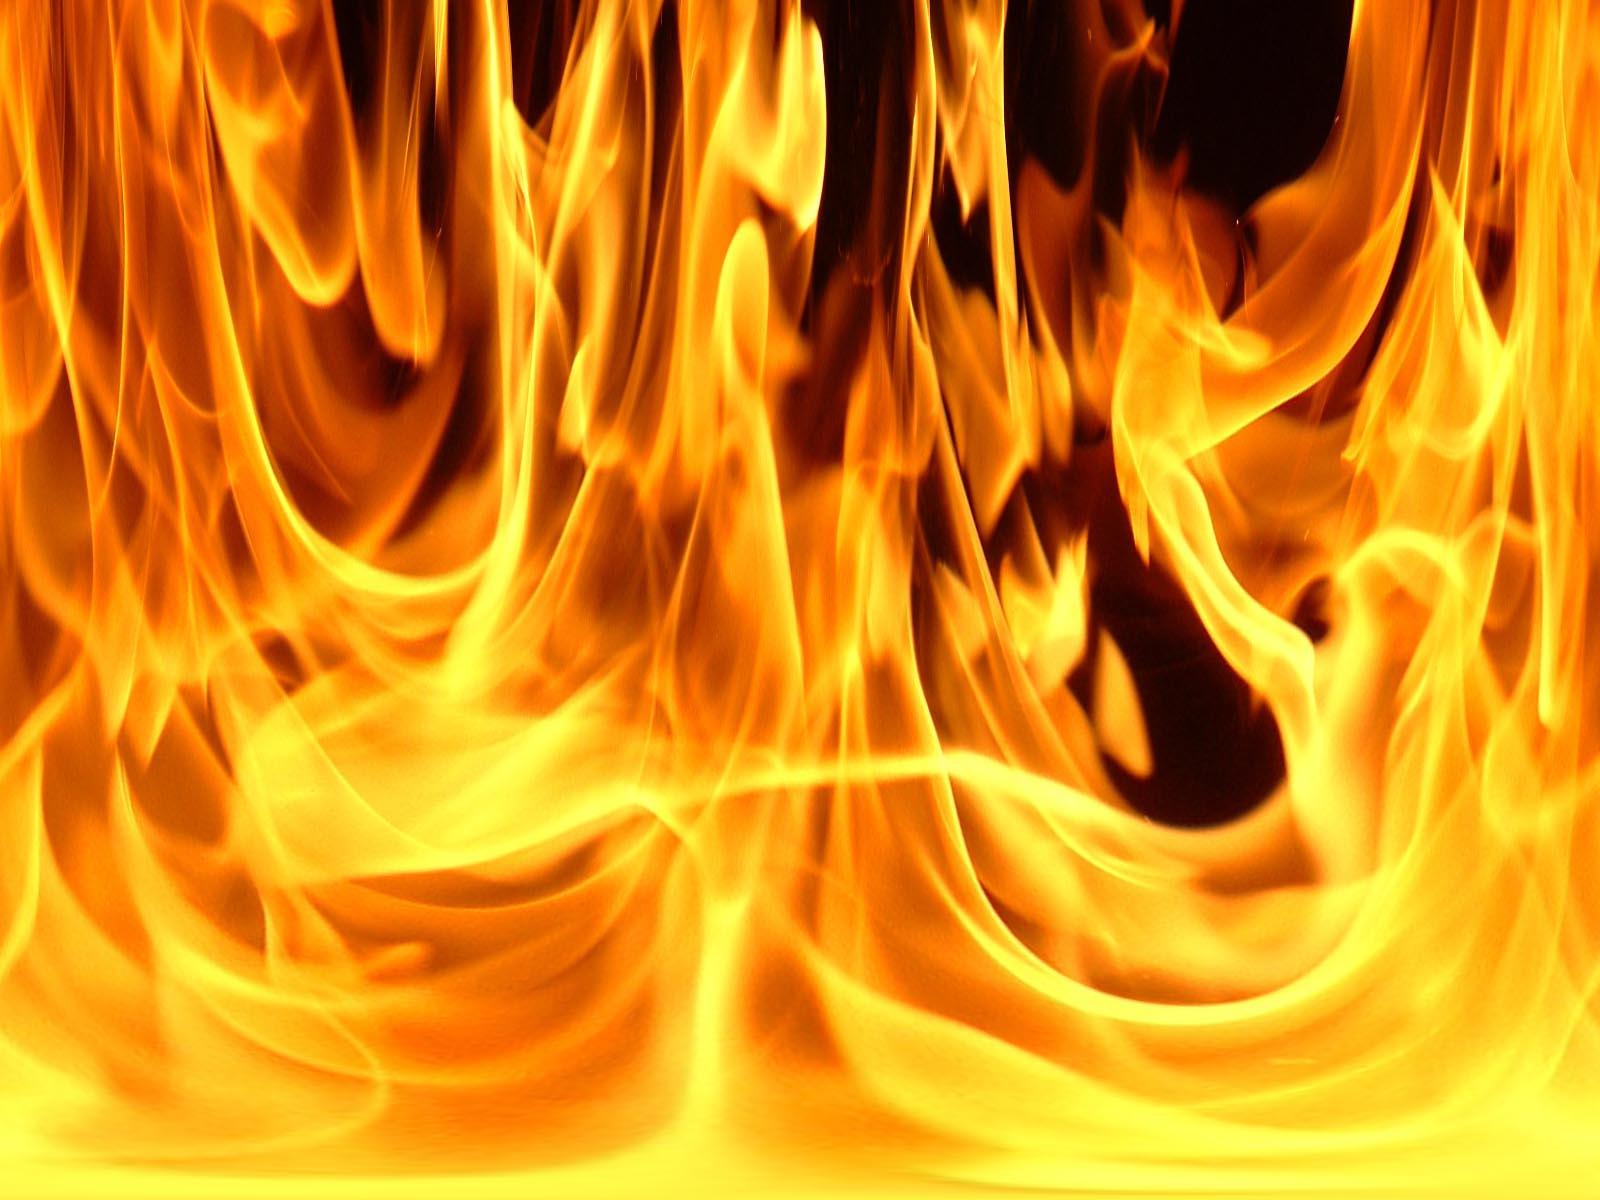 Вчера, 15-го февраля, в Катав-Ивановске произошло возгорание в жилом доме. В результате пожара по